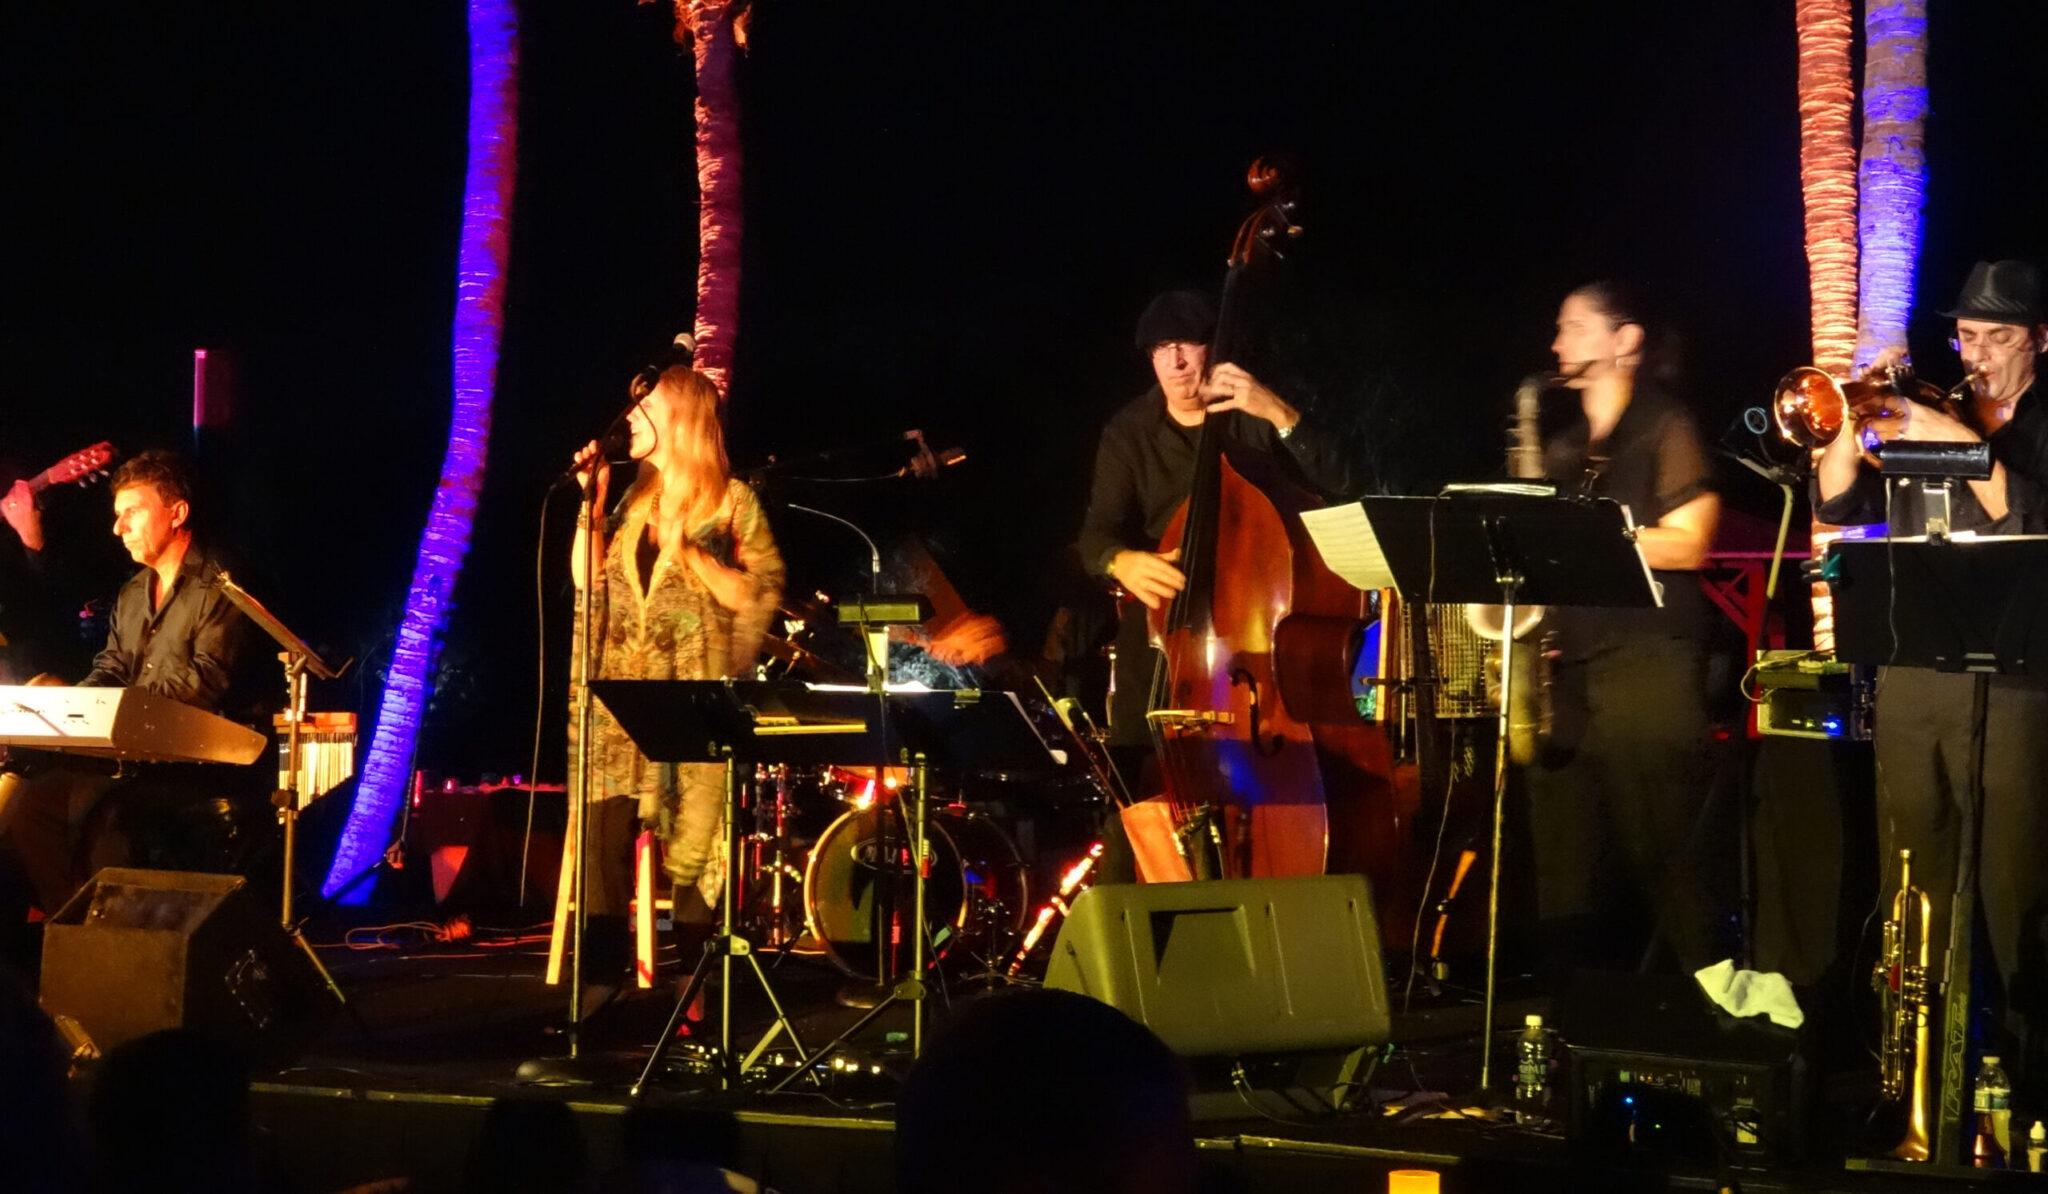 Musical Band Performing At